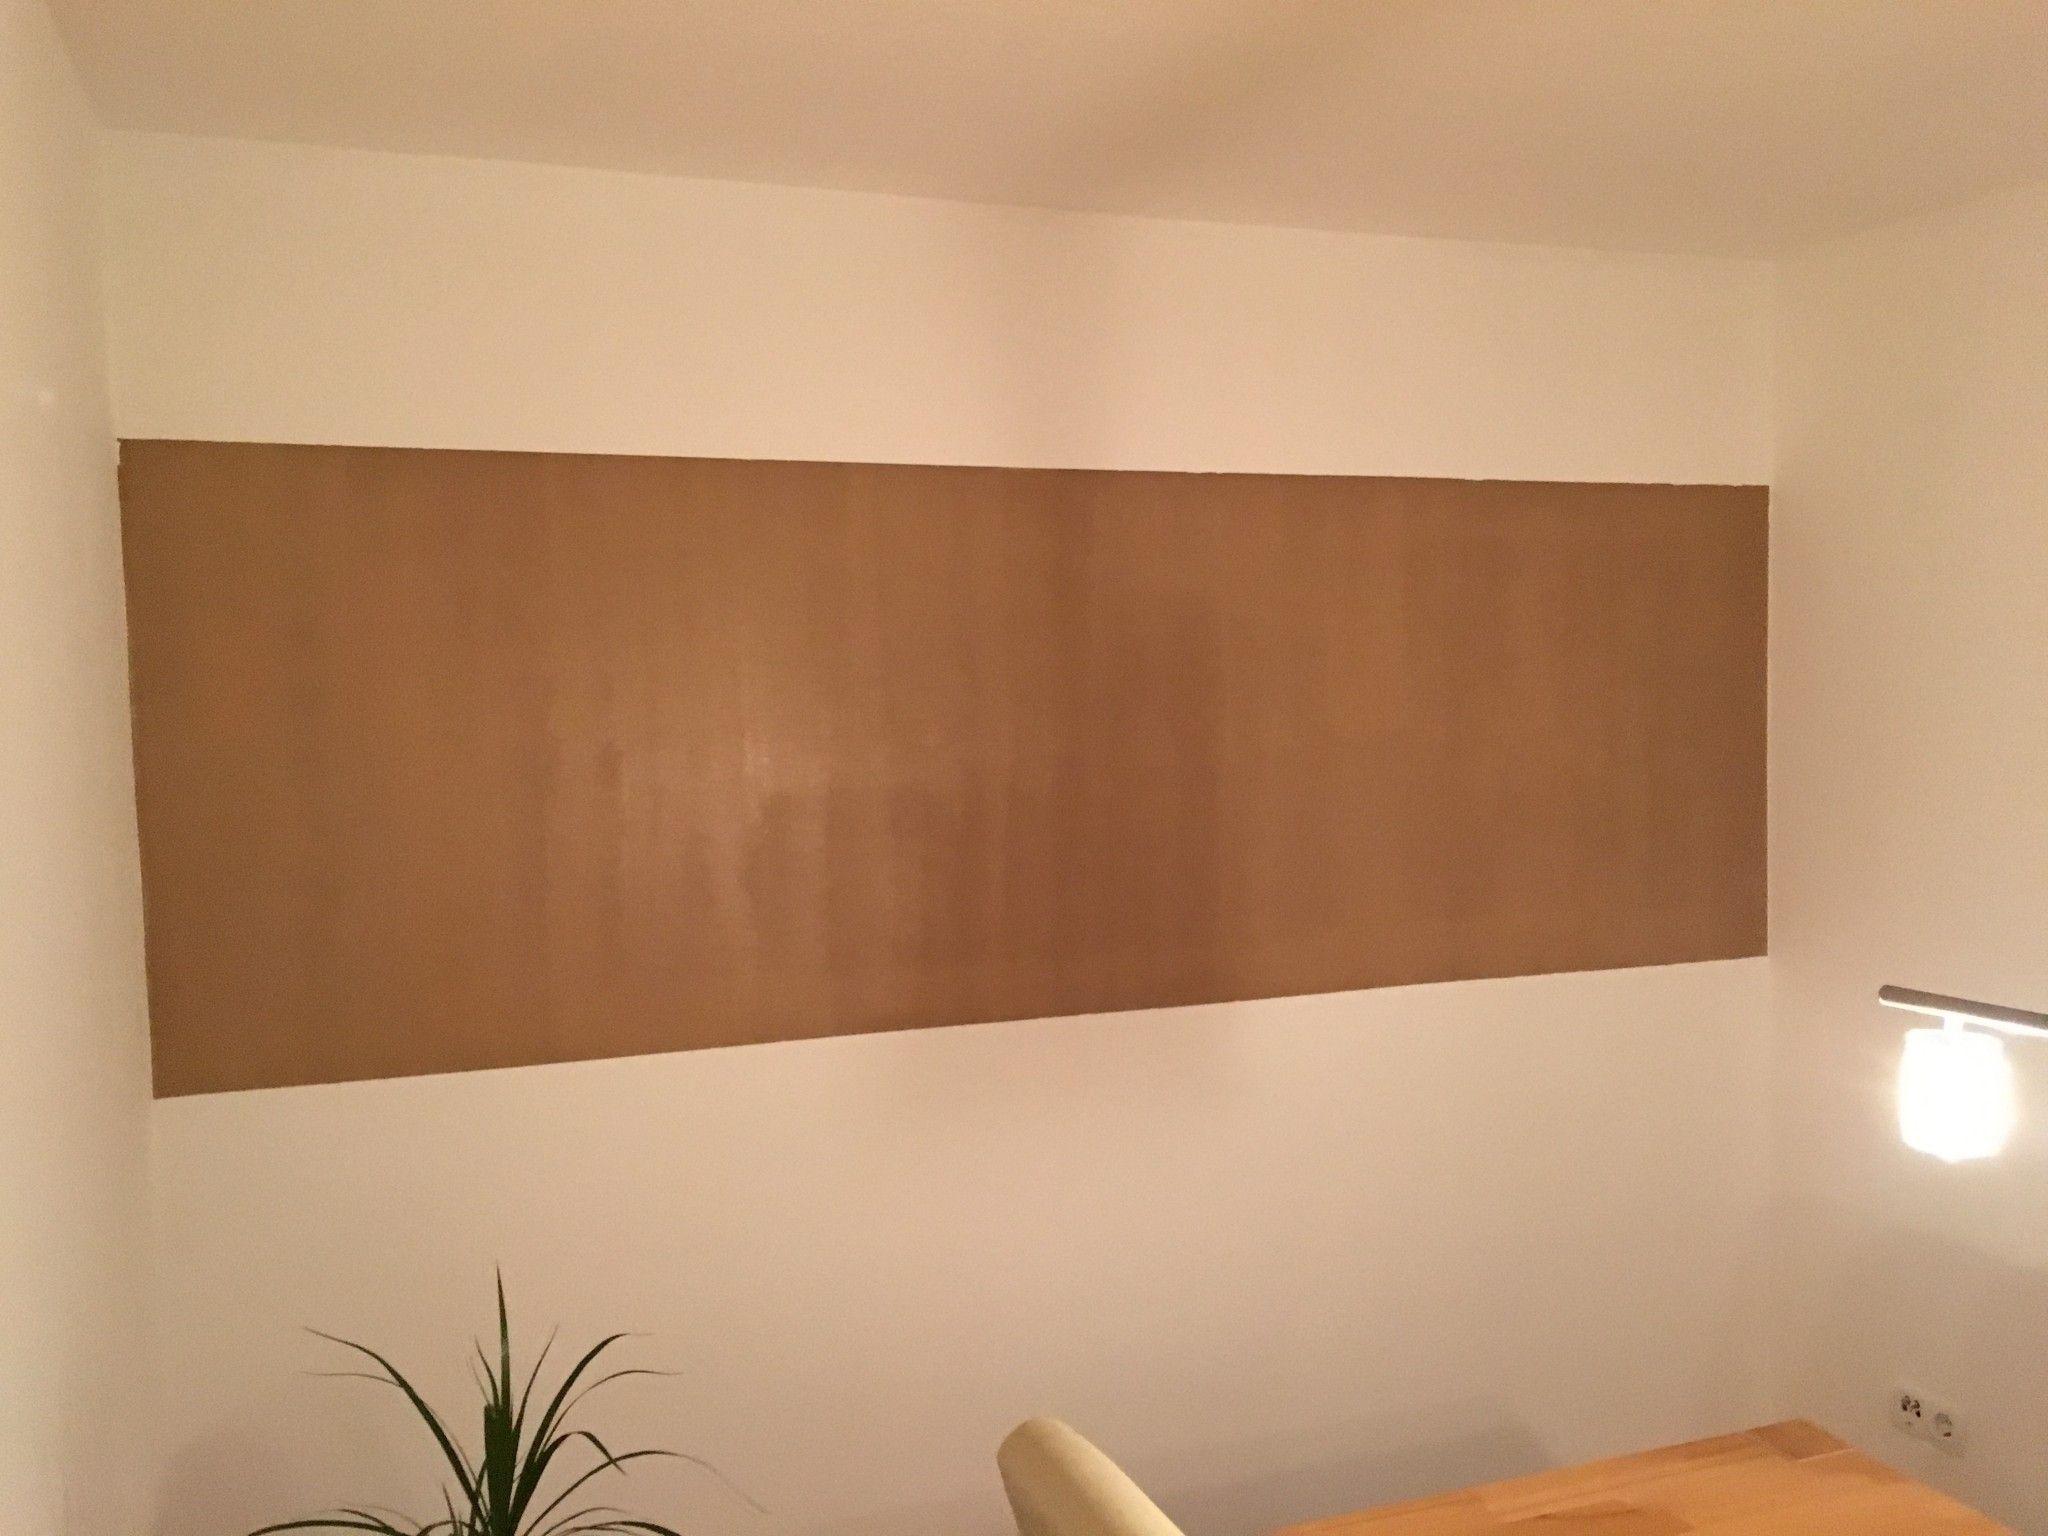 Wand Streichen Zweifarbig saubere kanten streichen mit acryl werkstatt tipps